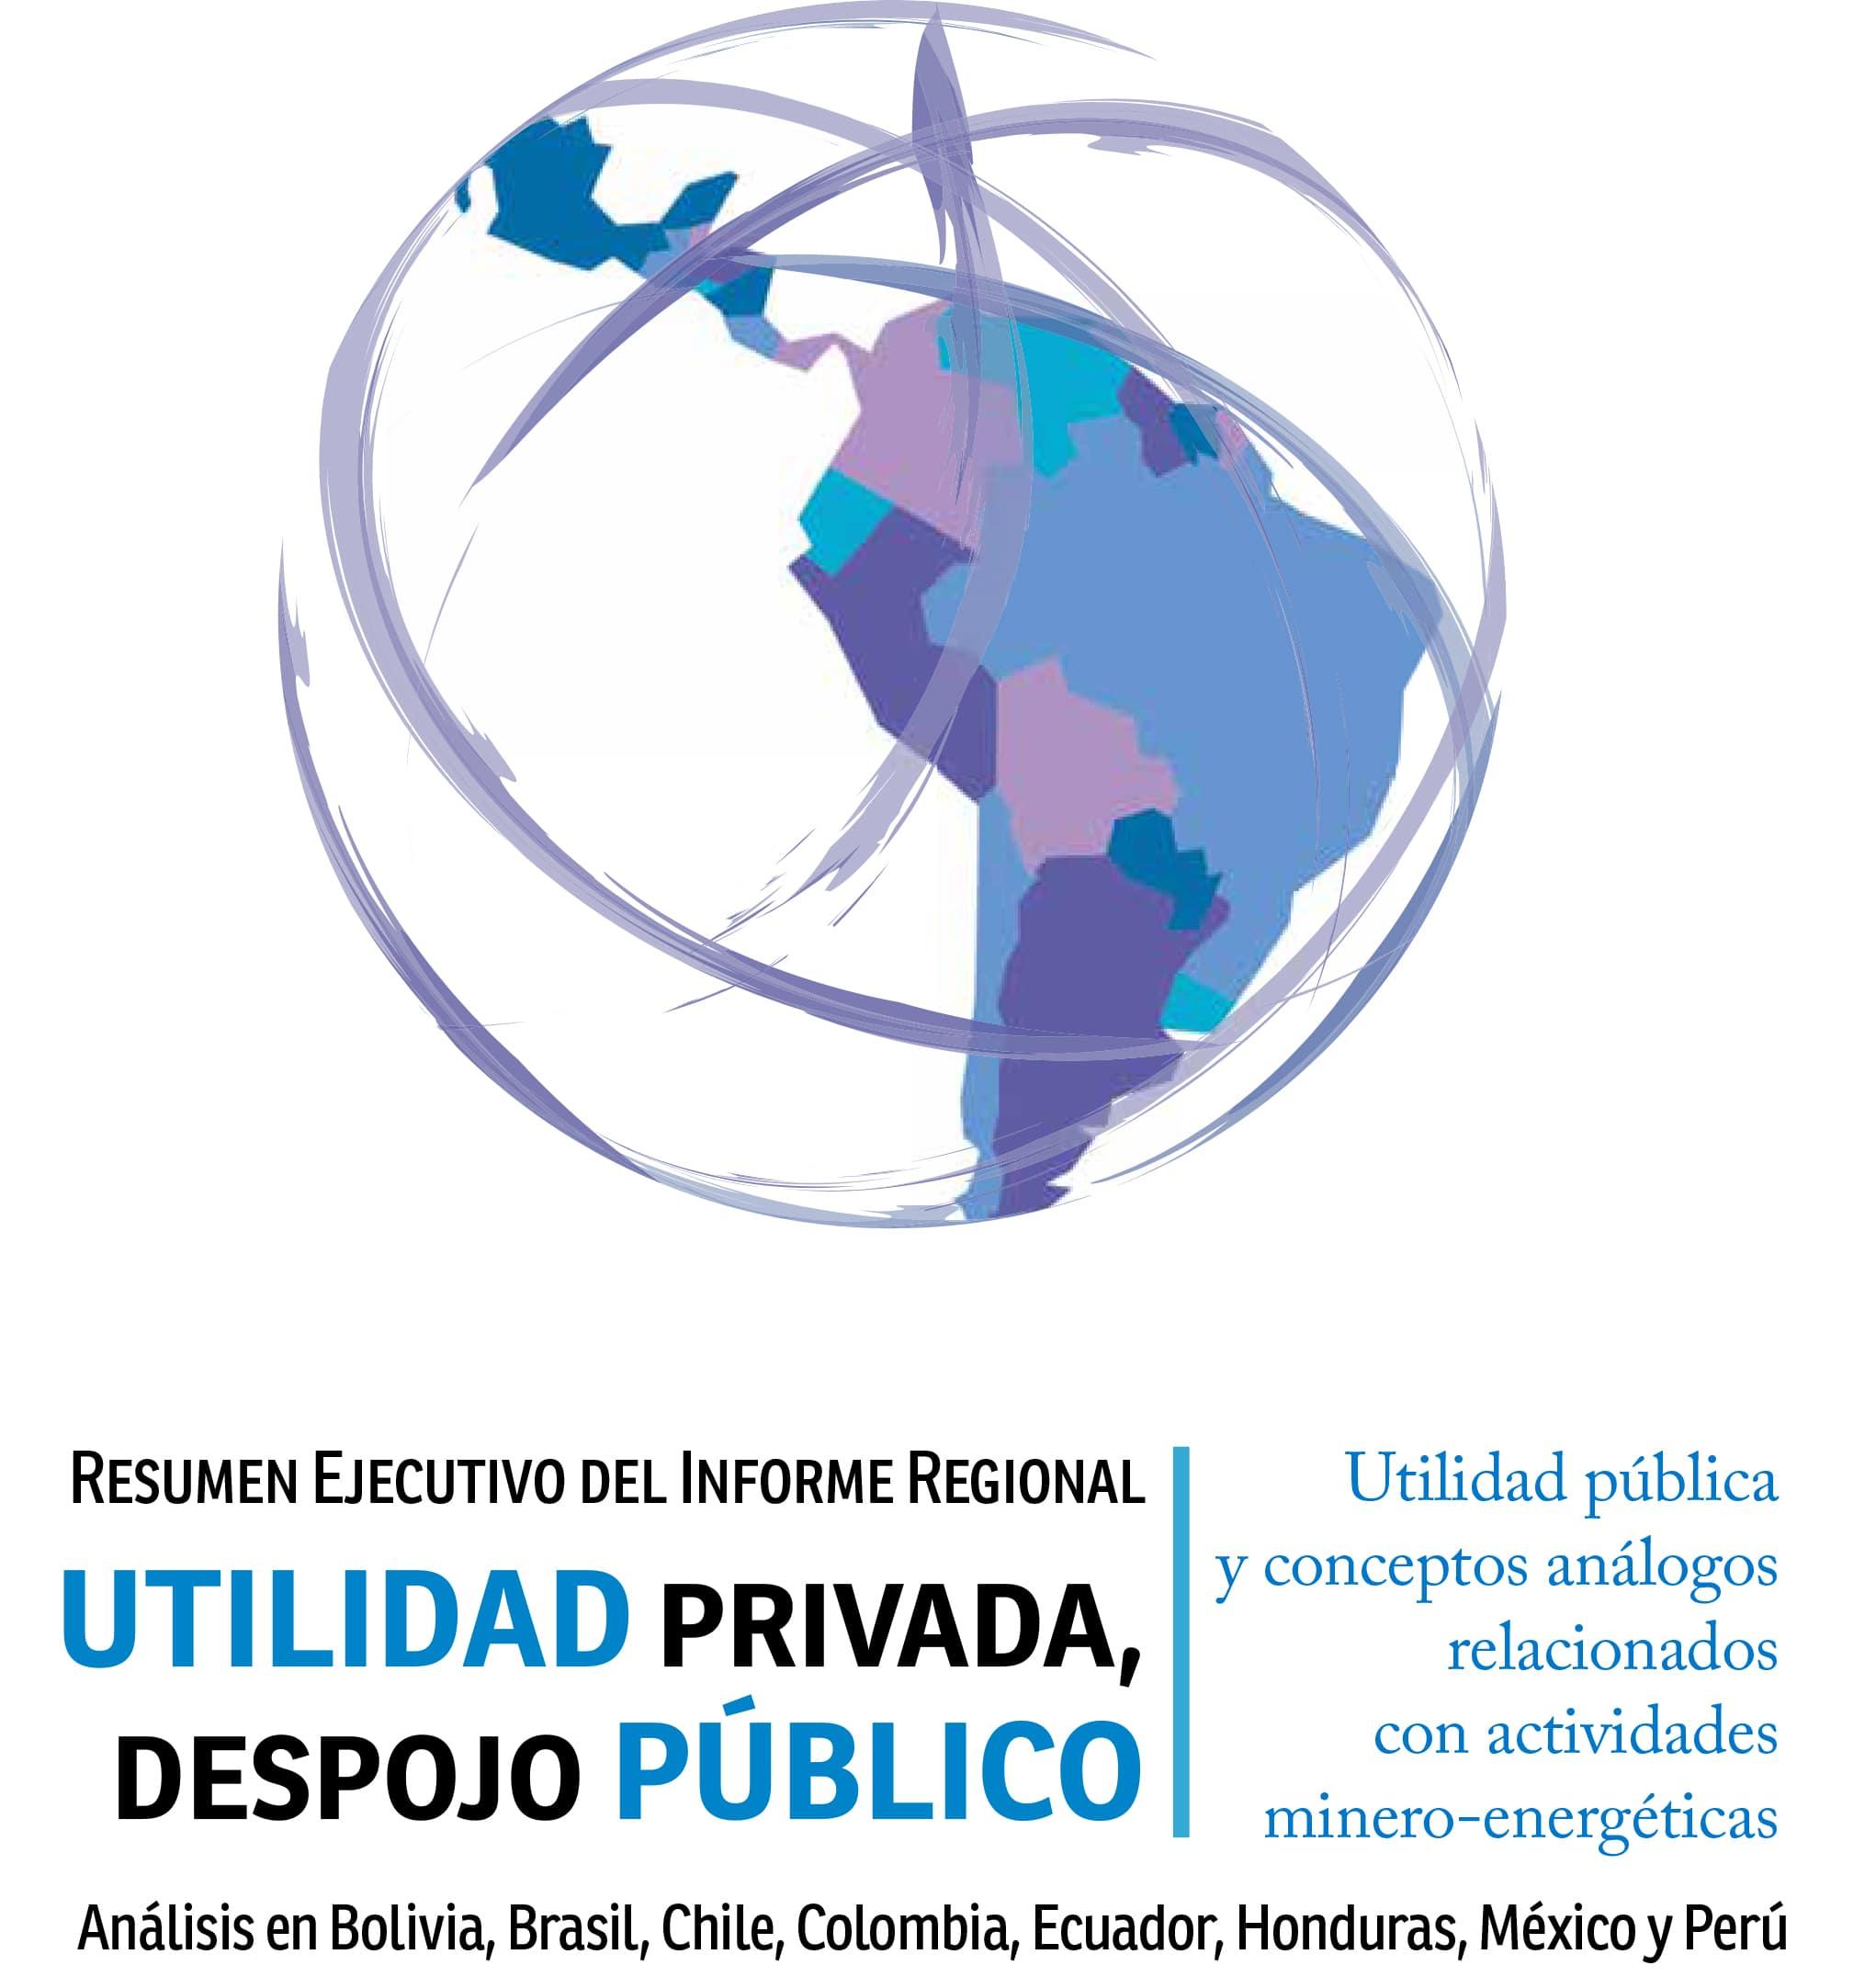 utilidad pública de extractivismos